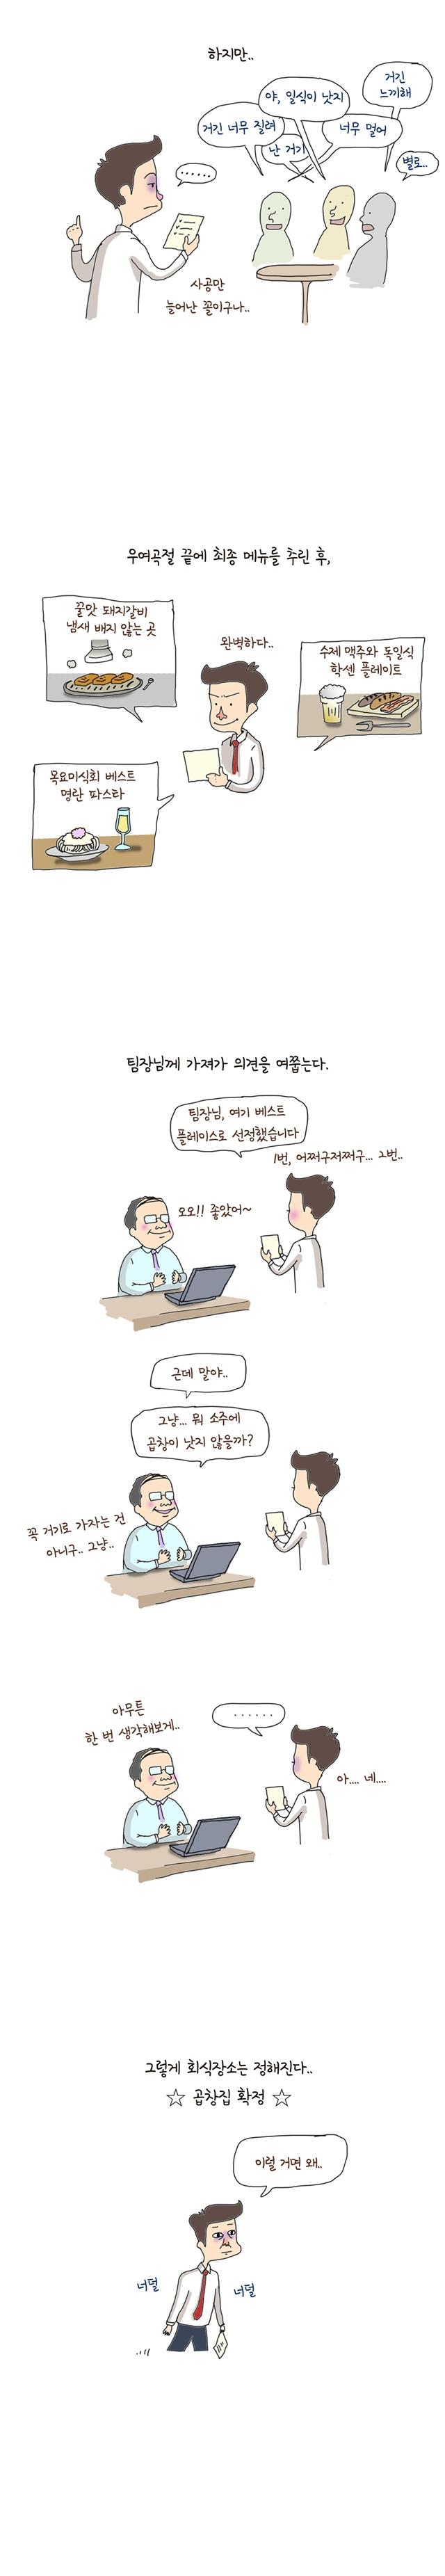 수정_2_20